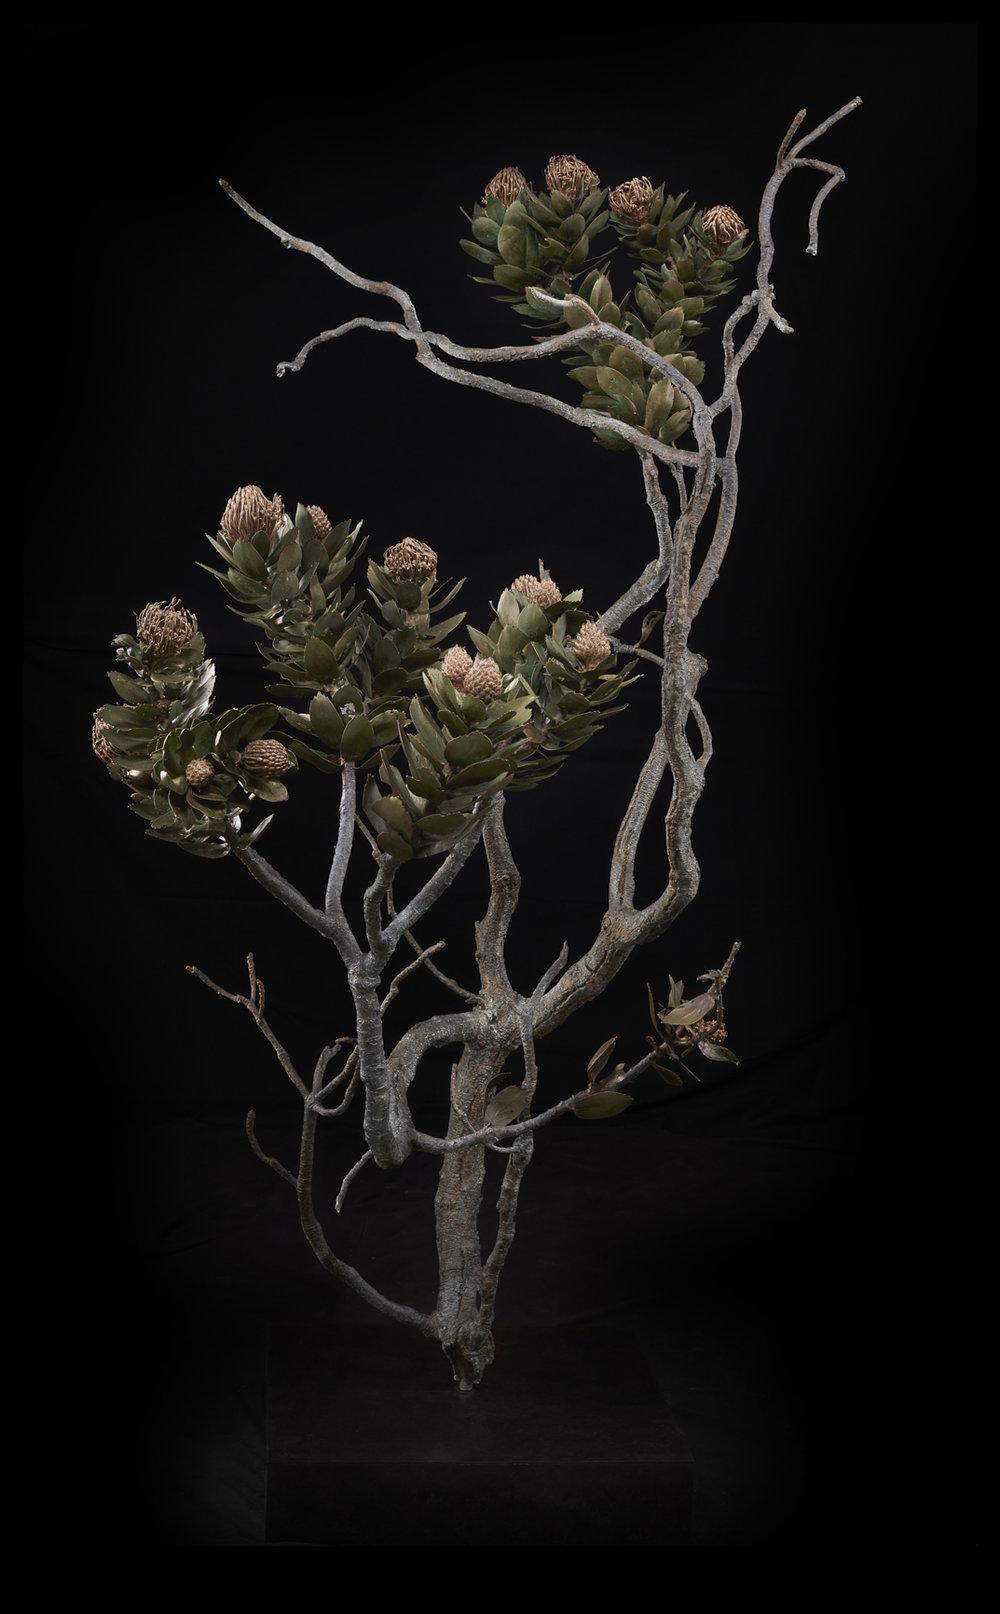 <i> Leucospermum conocarpodendron subsp. conocarpodendron </i>